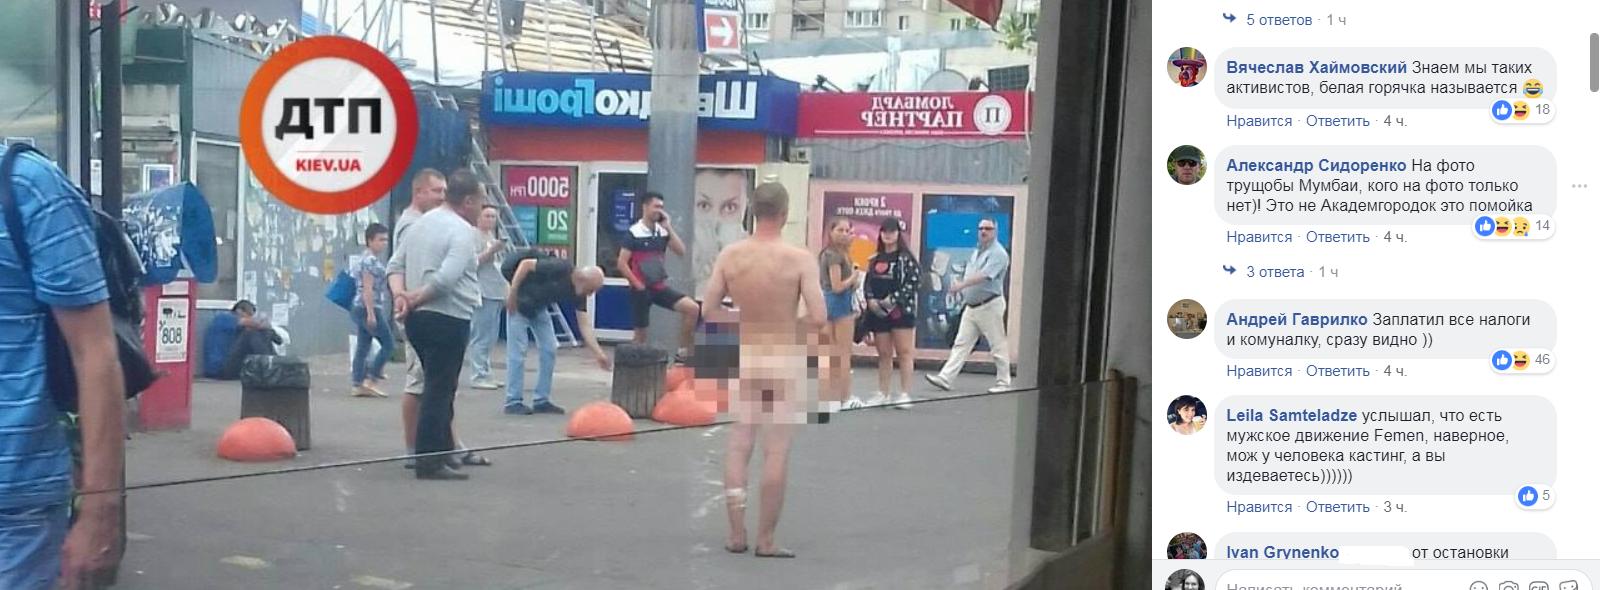 У Києві помітили голого чоловіка: фото безсоромника